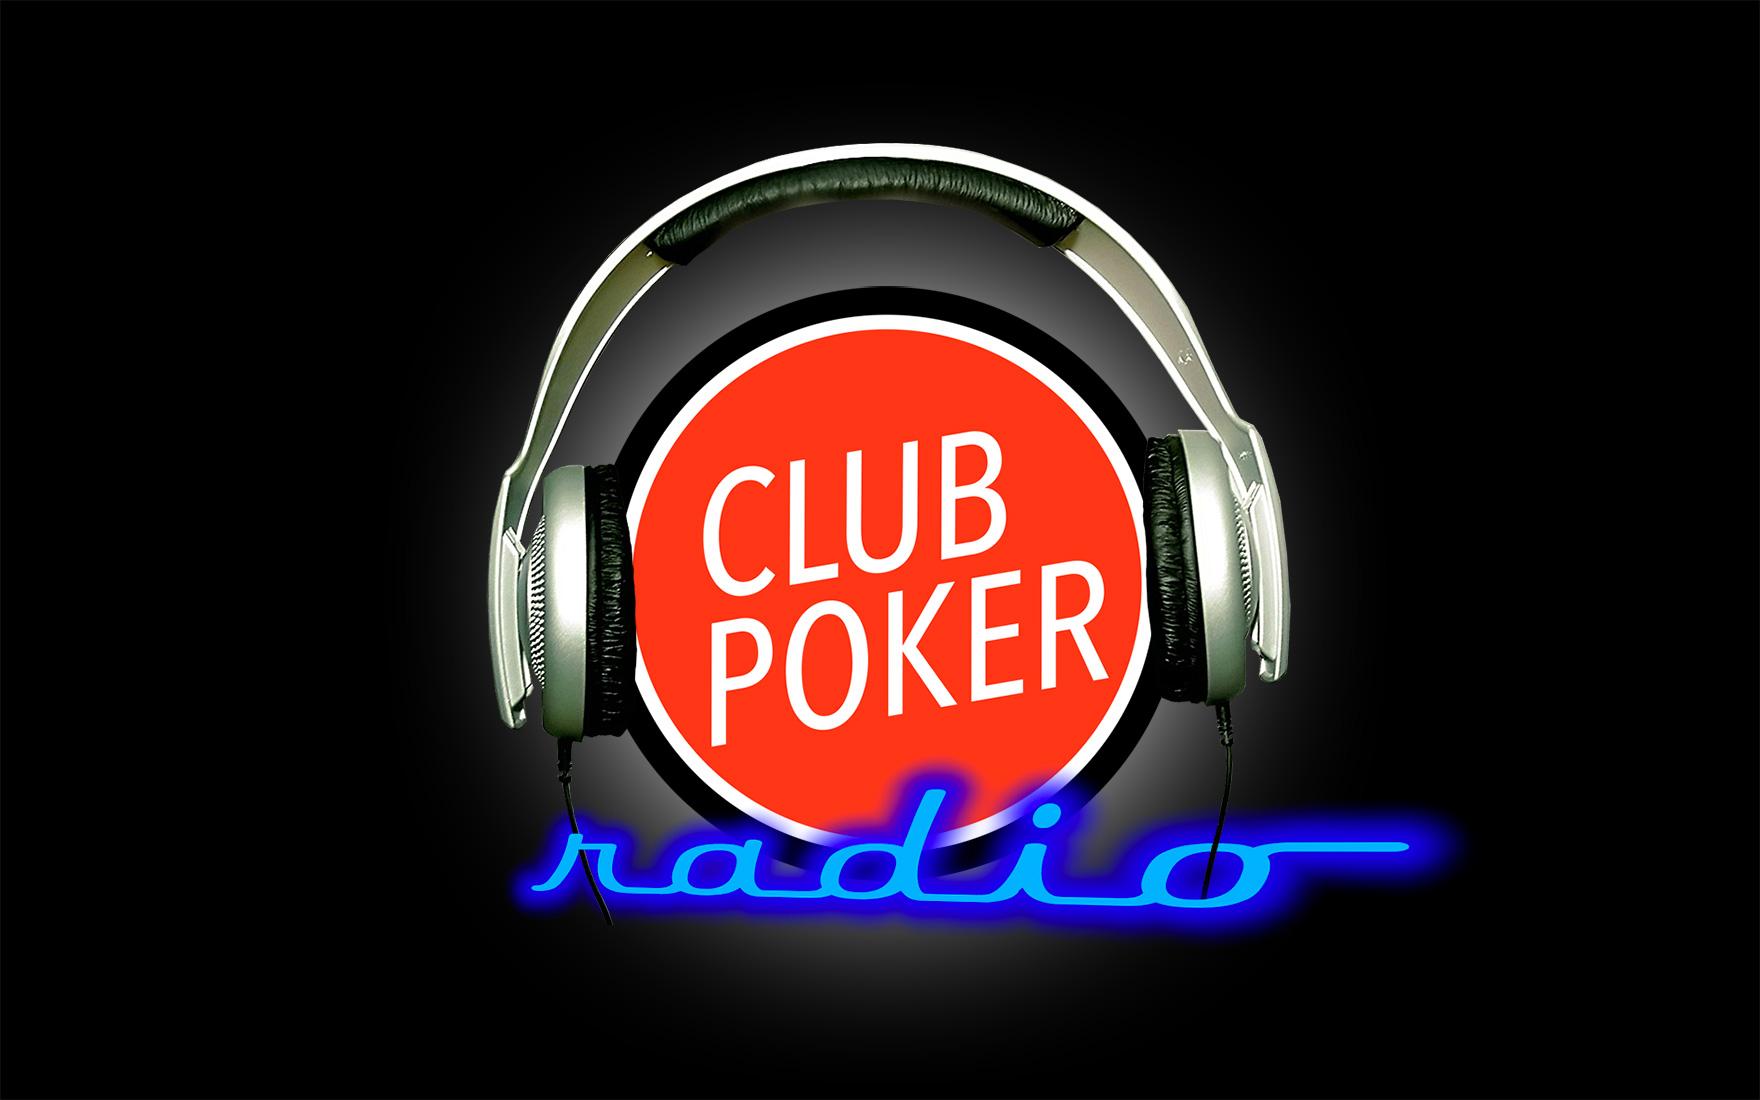 logo-club-poker-radio-v6-718852.jpg